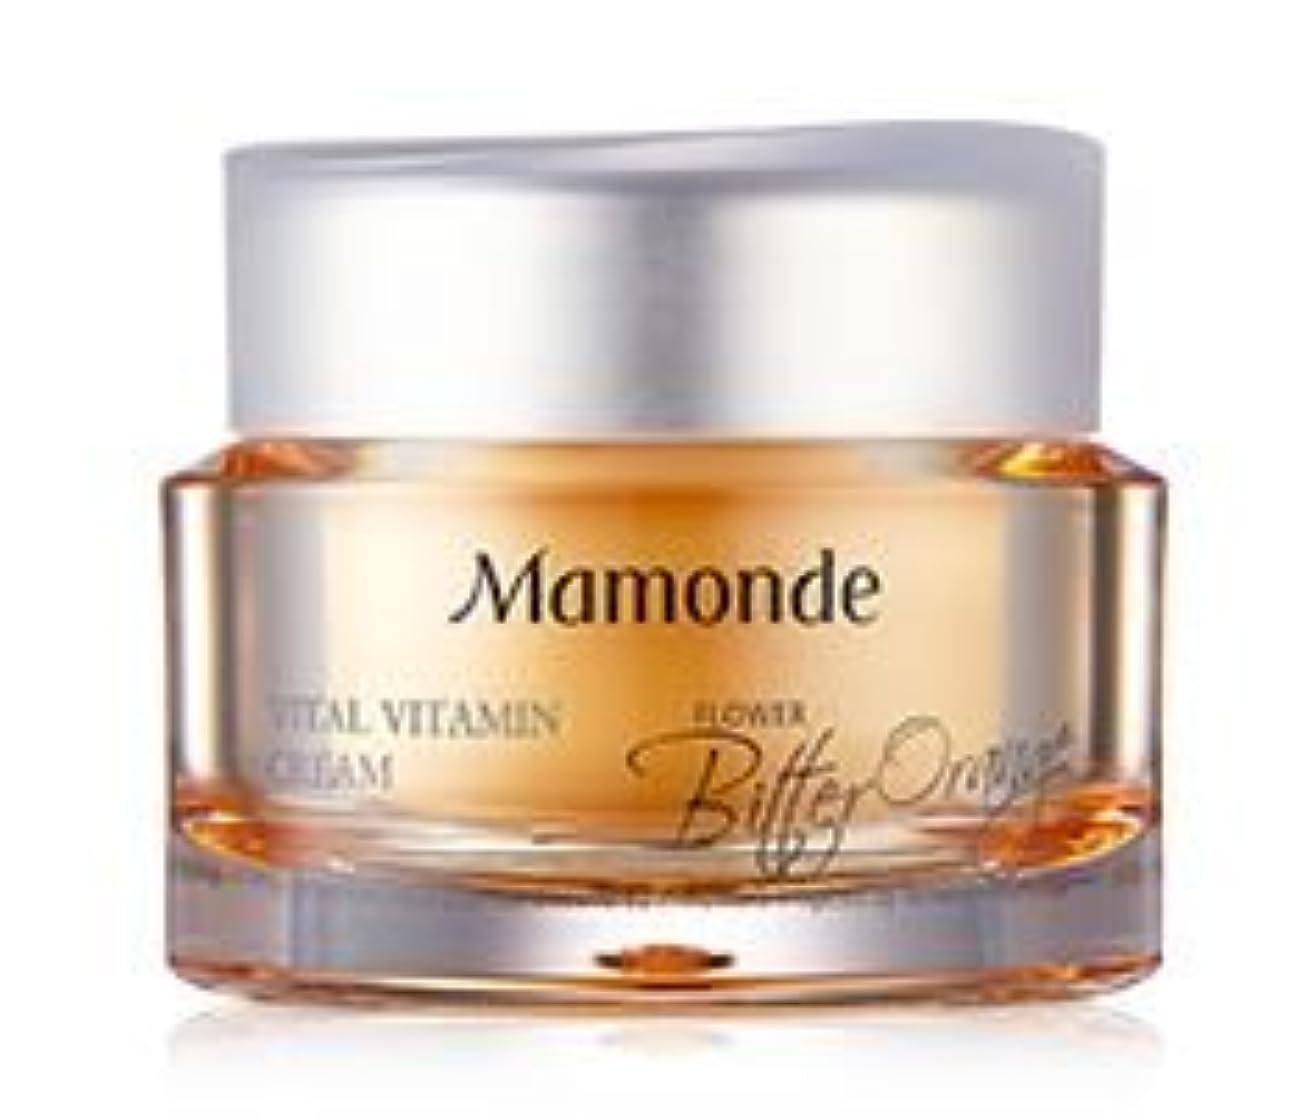 胃マイクリスク[Mamonde] Vital Vitamin Cream 50ml /[マモンド]バイタルビタミンクリーム50ml [並行輸入品]